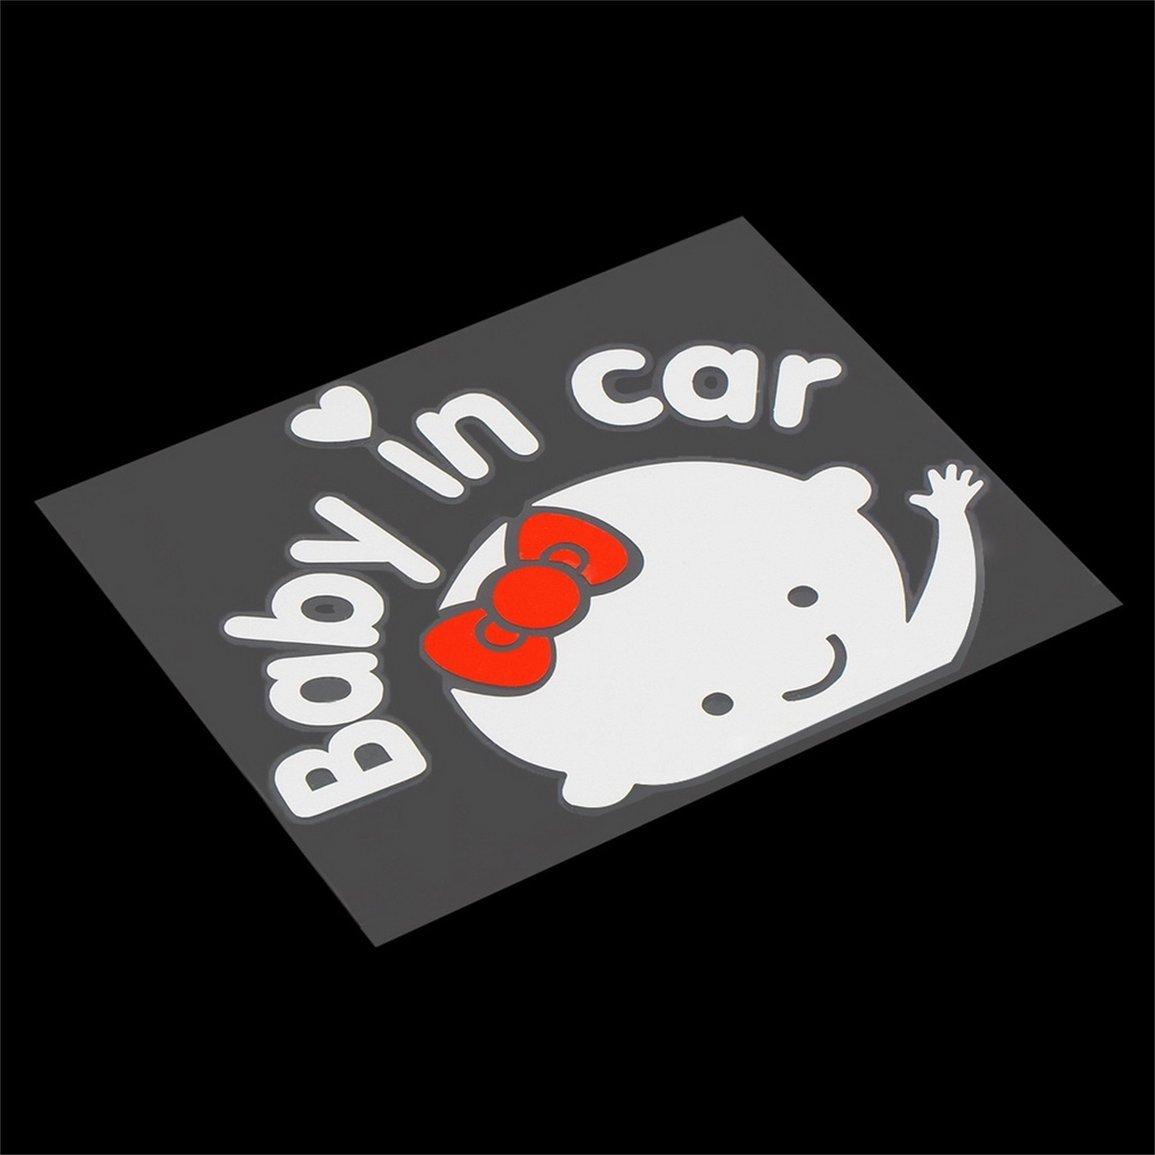 Creativo 17 Color: gris y blanco 14 cm Beb/é a bordo Beb/é en el coche Etiqueta engomada del coche Etiqueta reflectante impermeable del coche en el parabrisas trasero